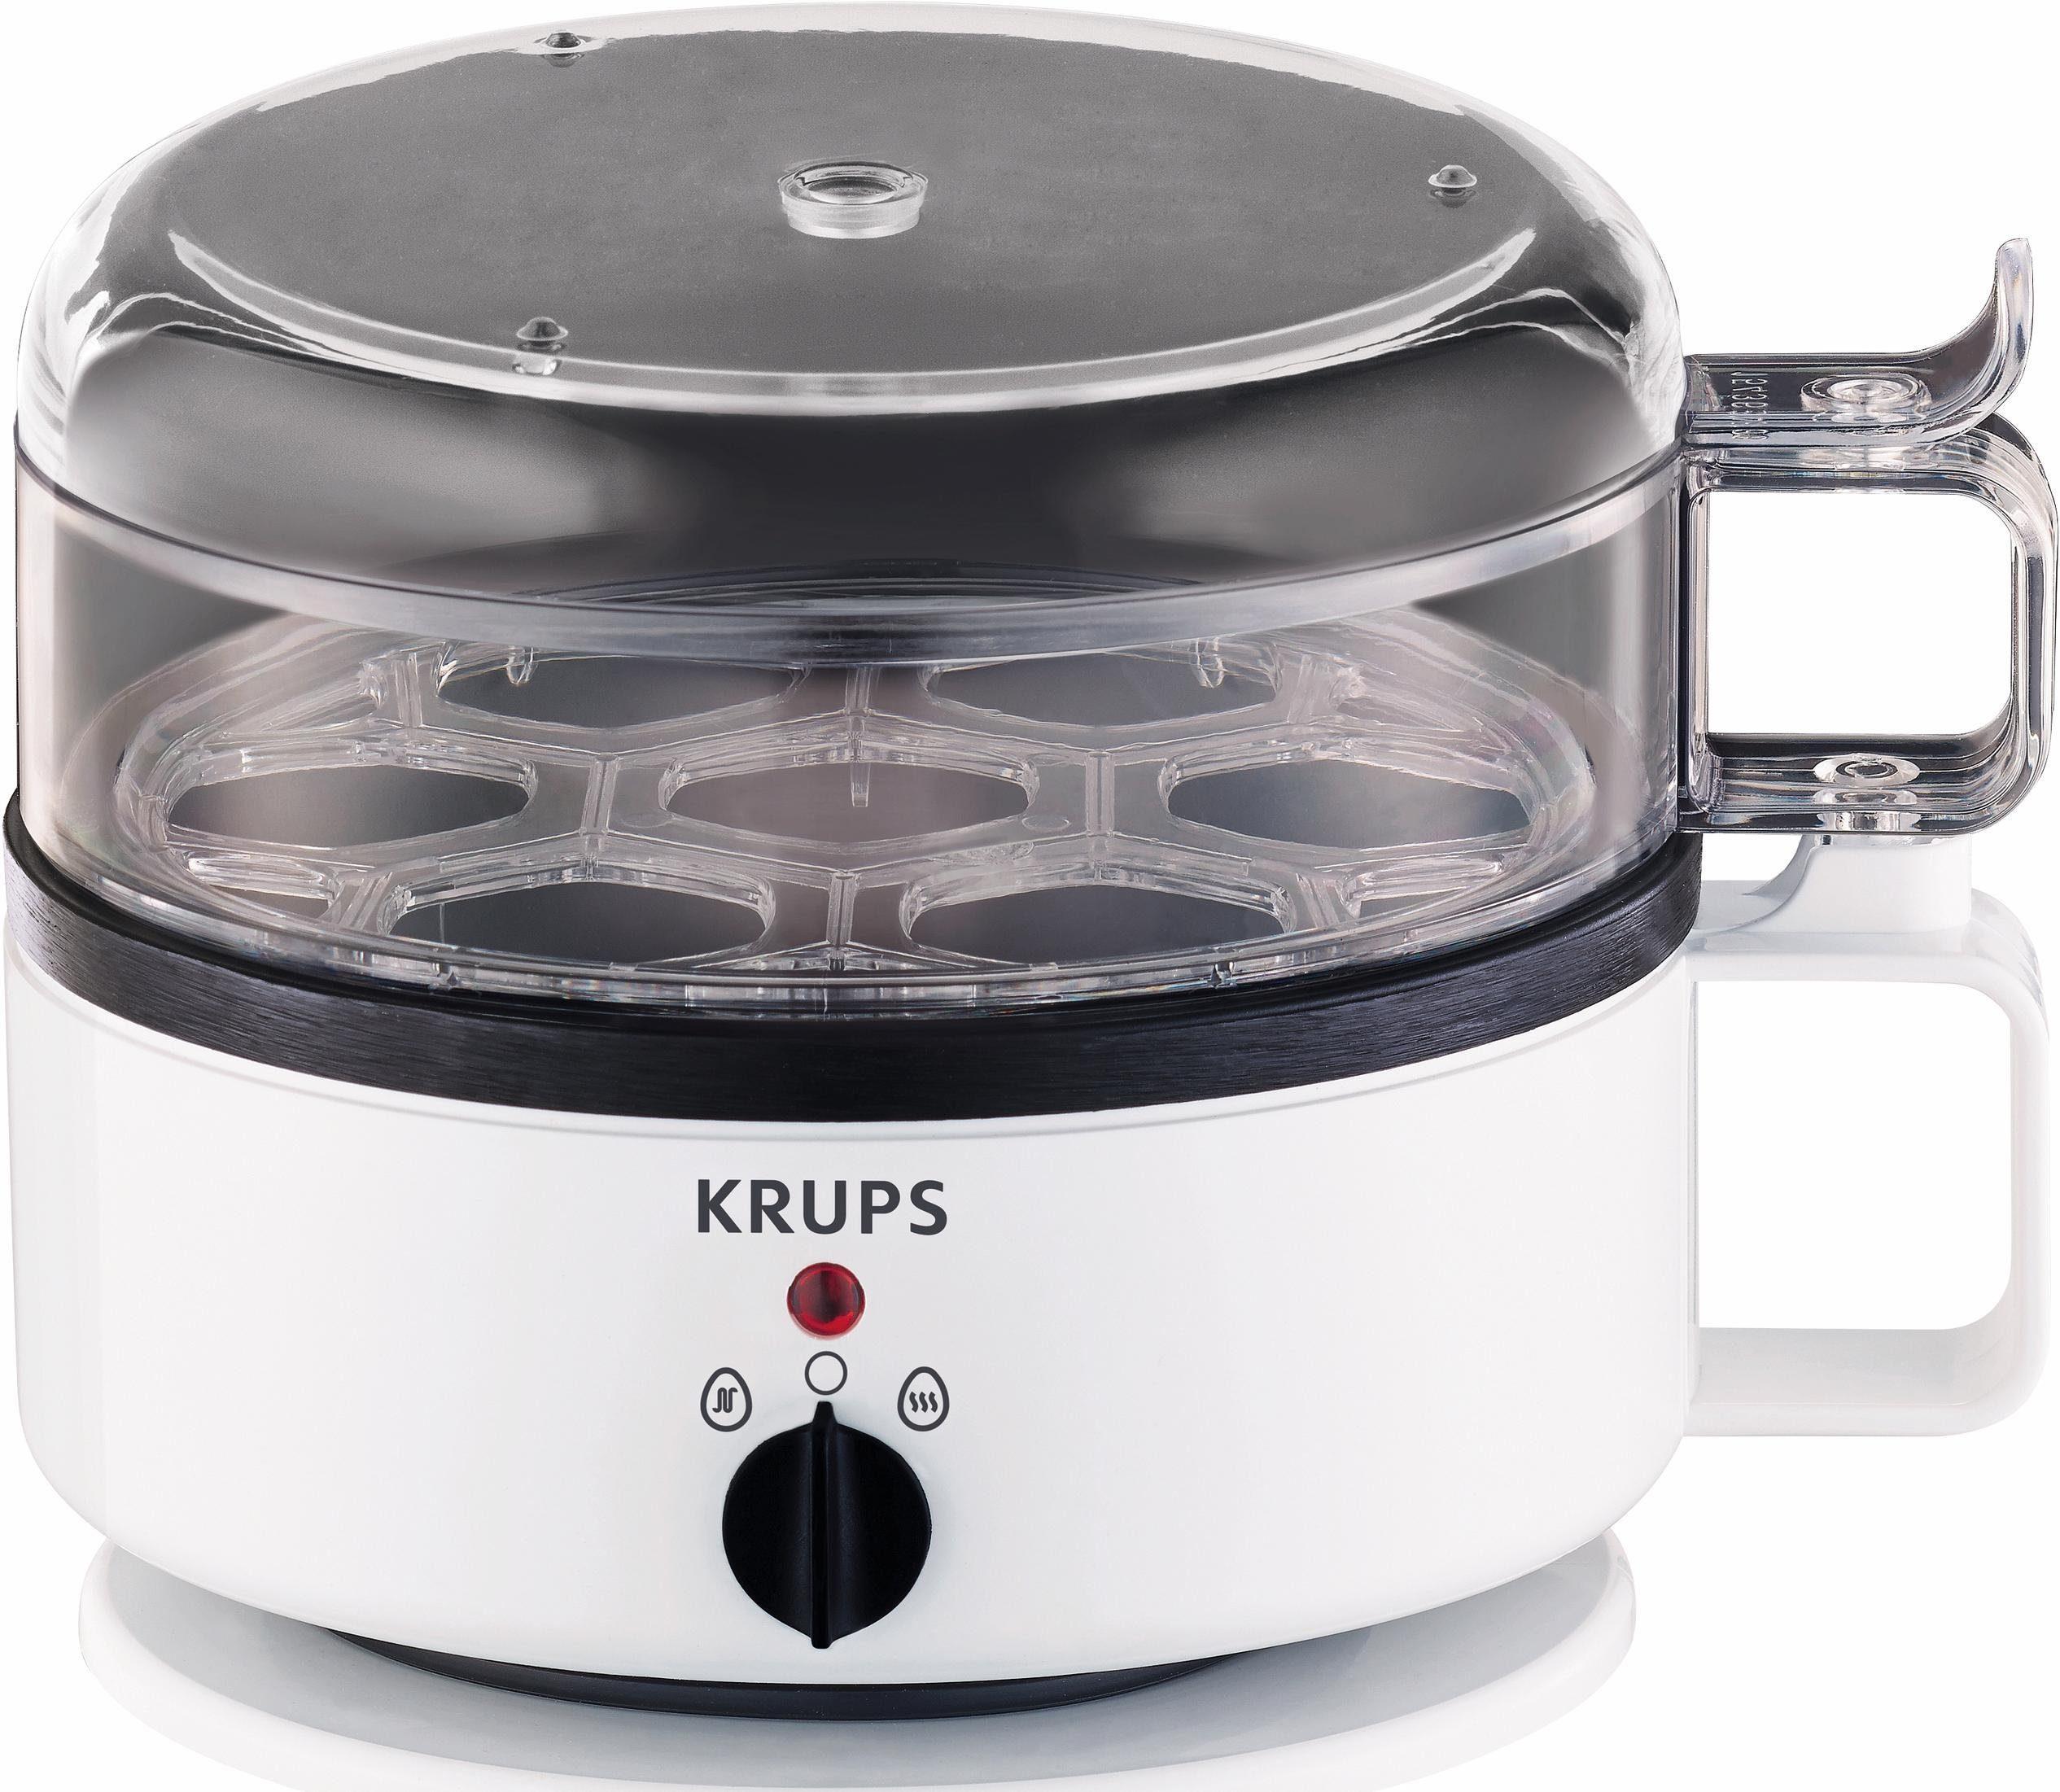 Krups Eierkocher Ovomat Super F23070, 400 Watt